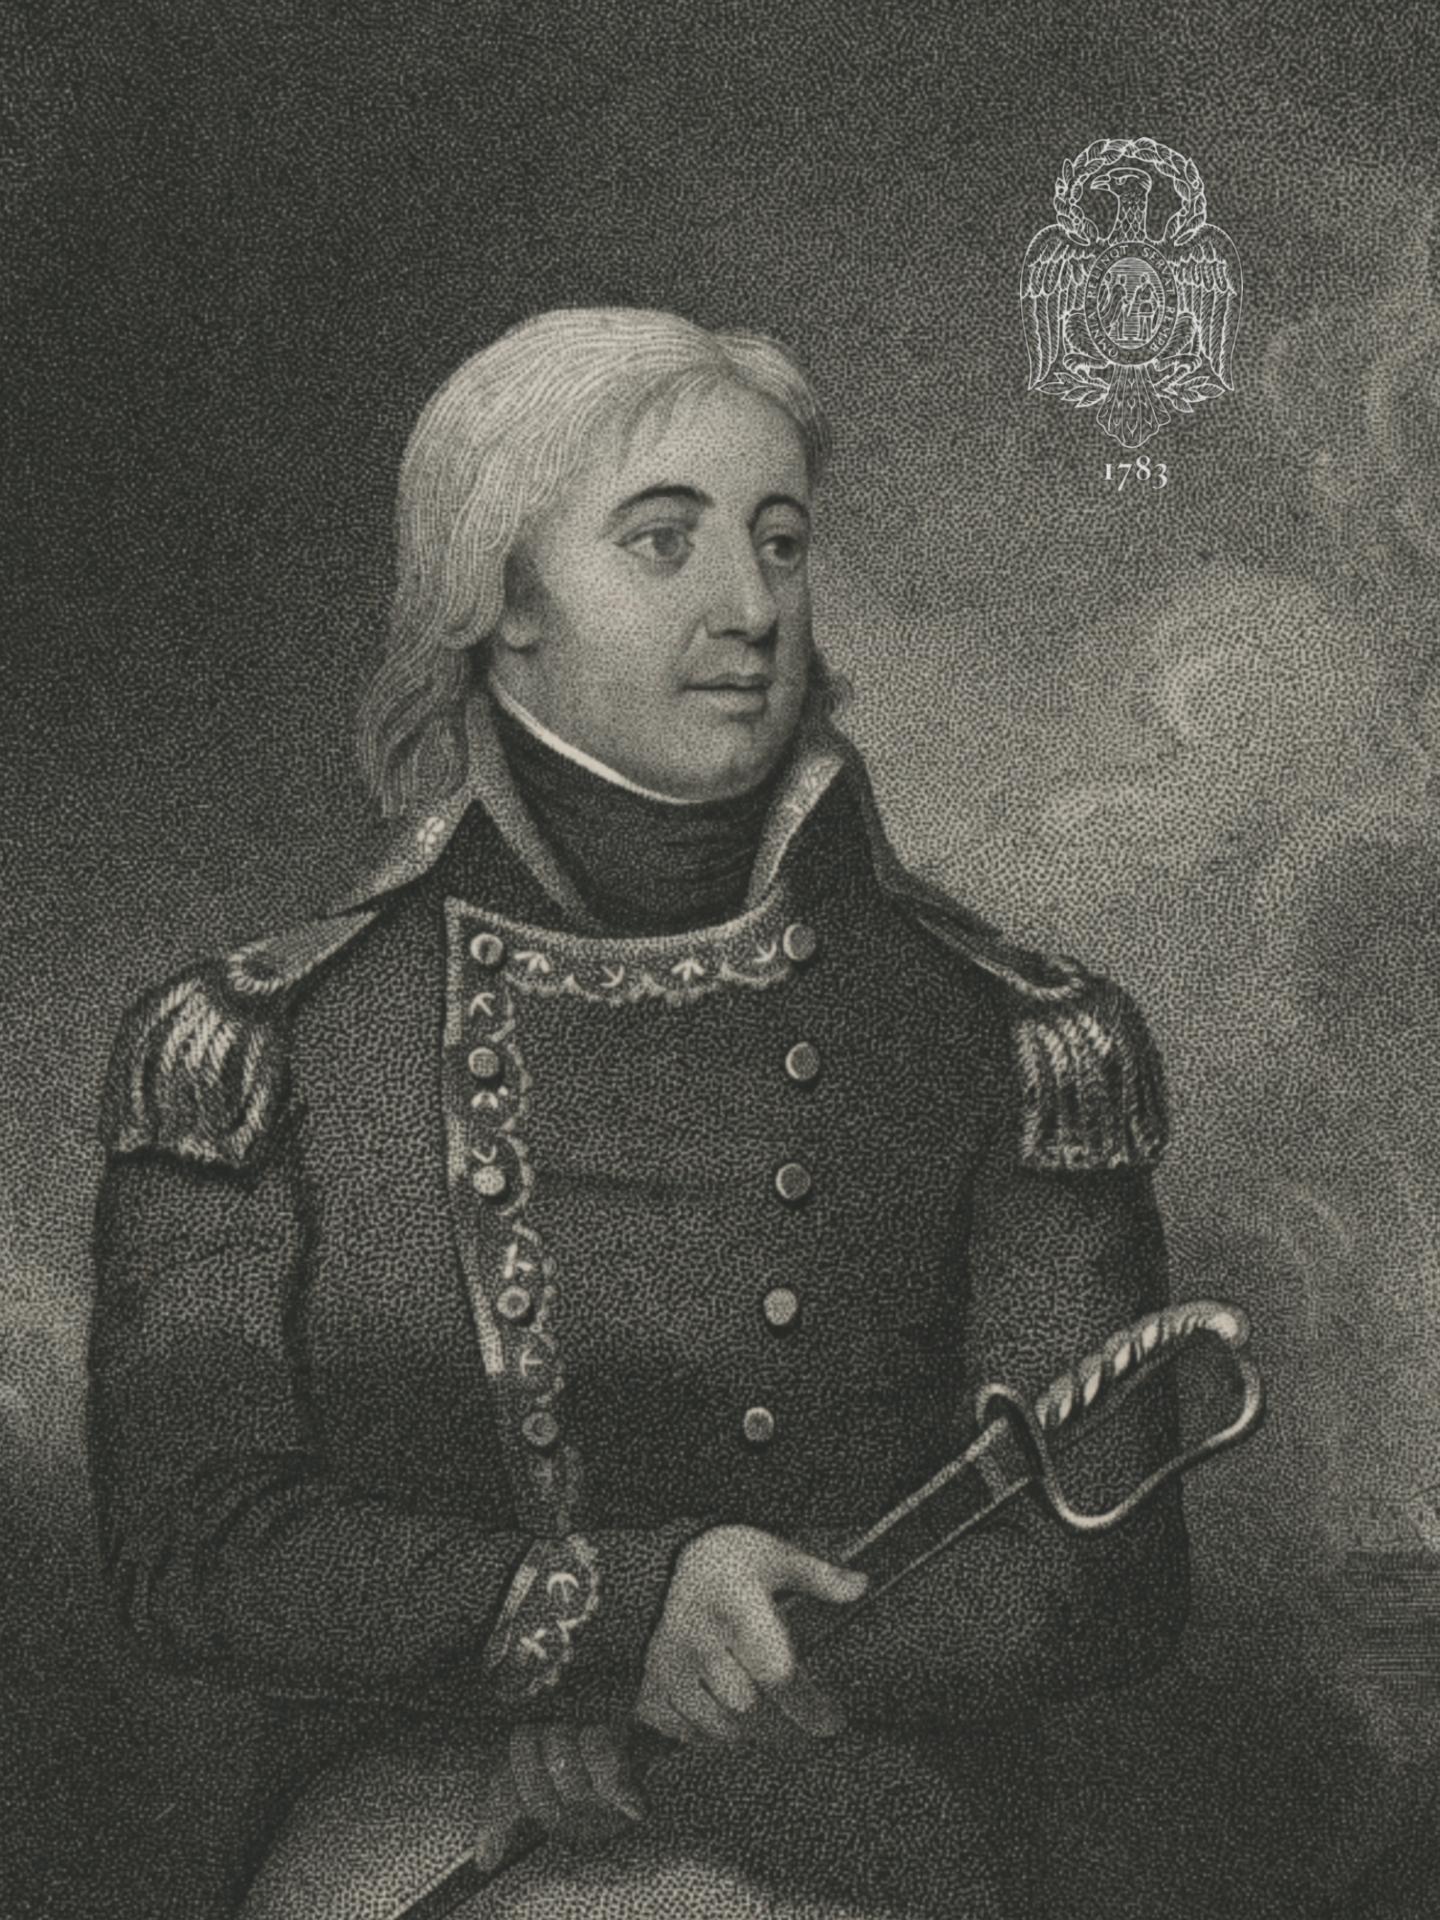 Lt. Joshua Barney, Continental Navy